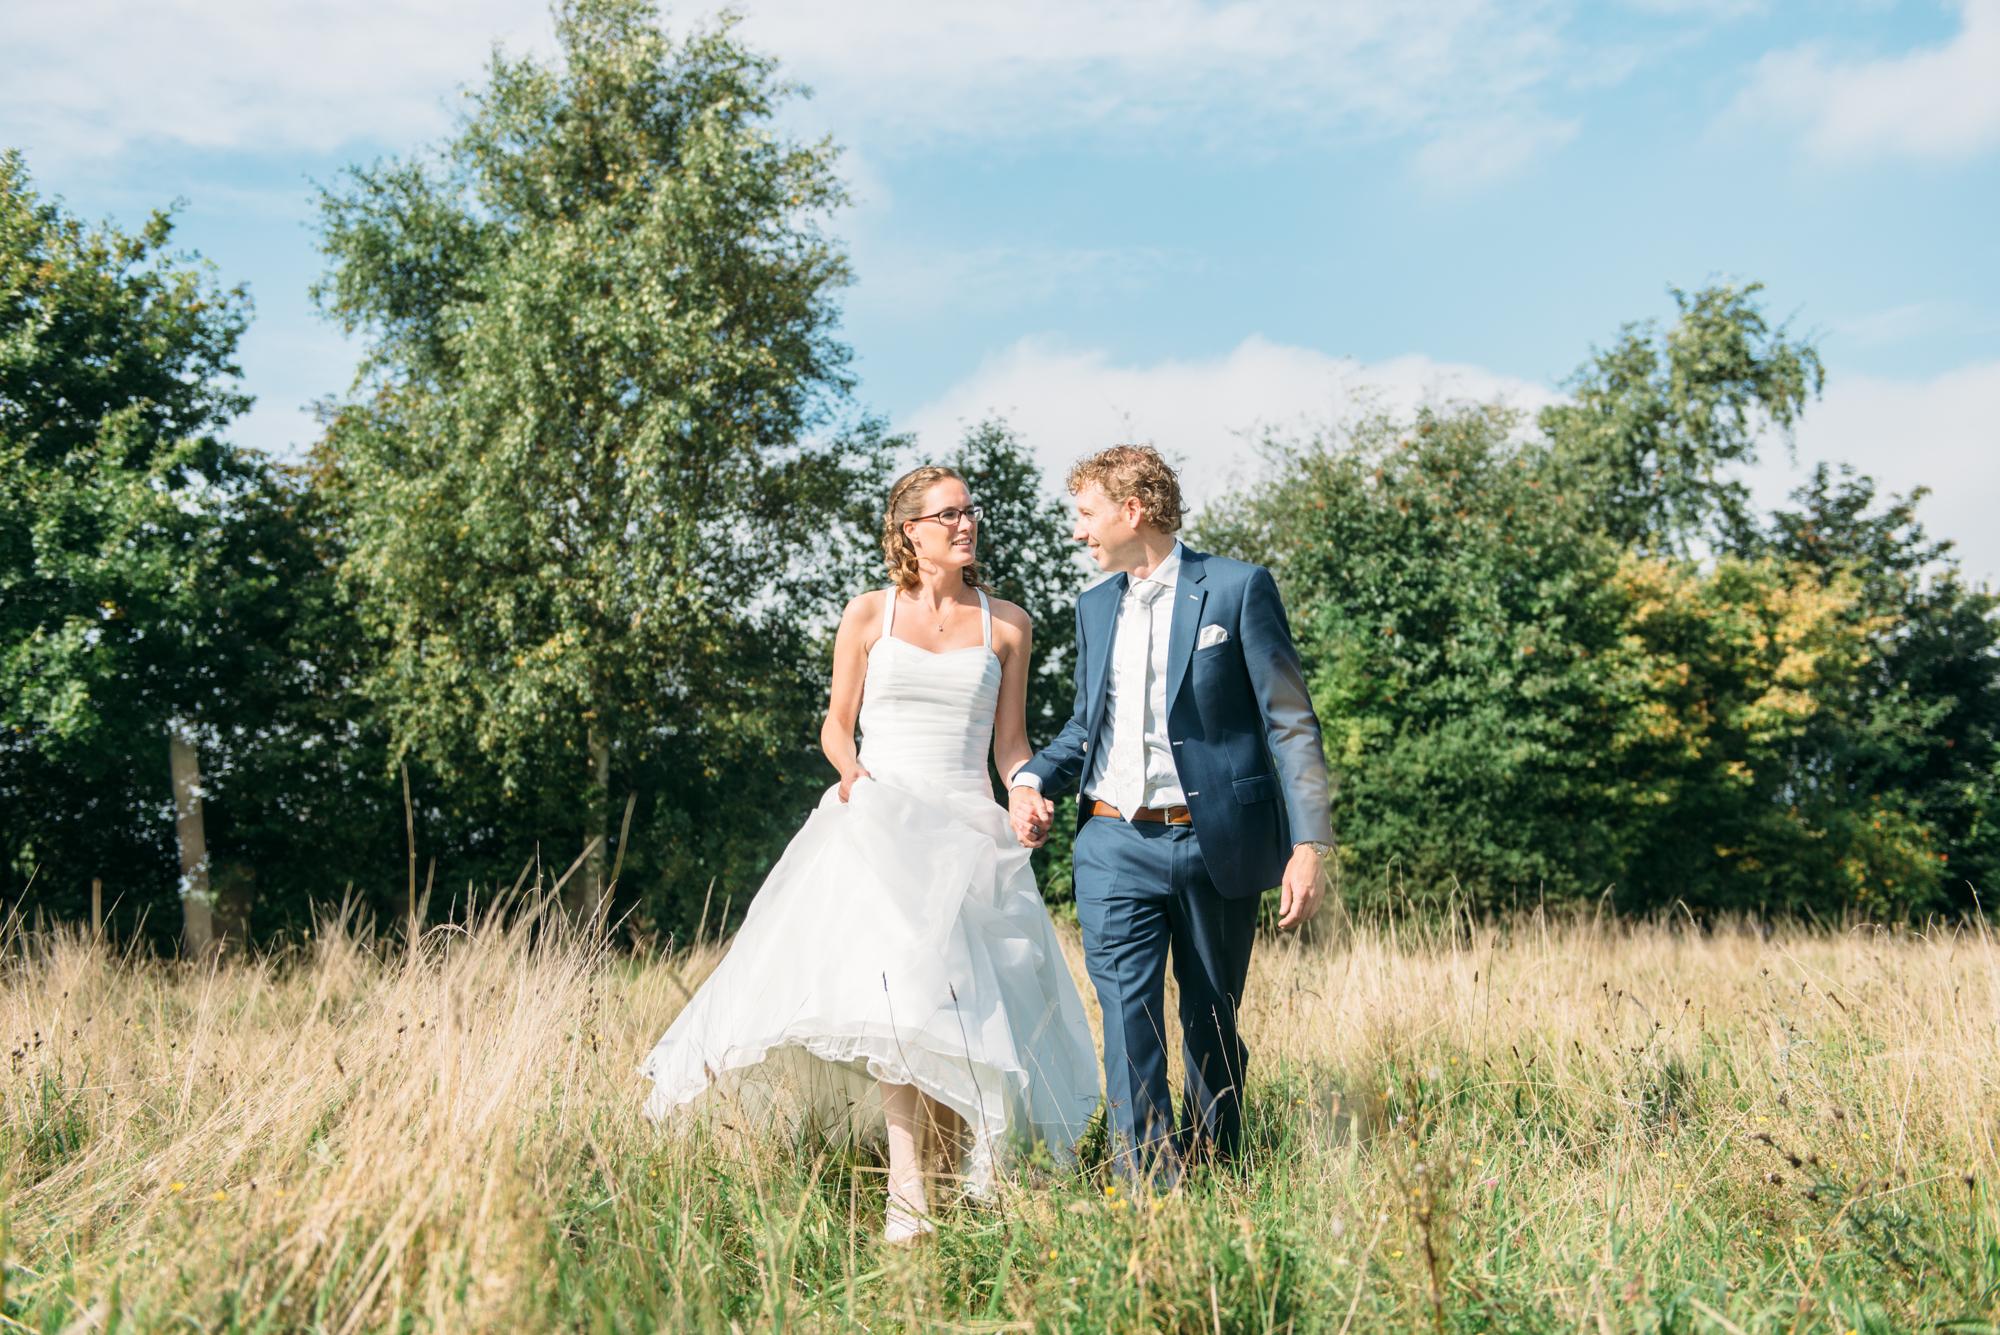 bruidsfotografie-Heiloo-Castricum-aan-zee-Liesbeth-en-Pieter-472